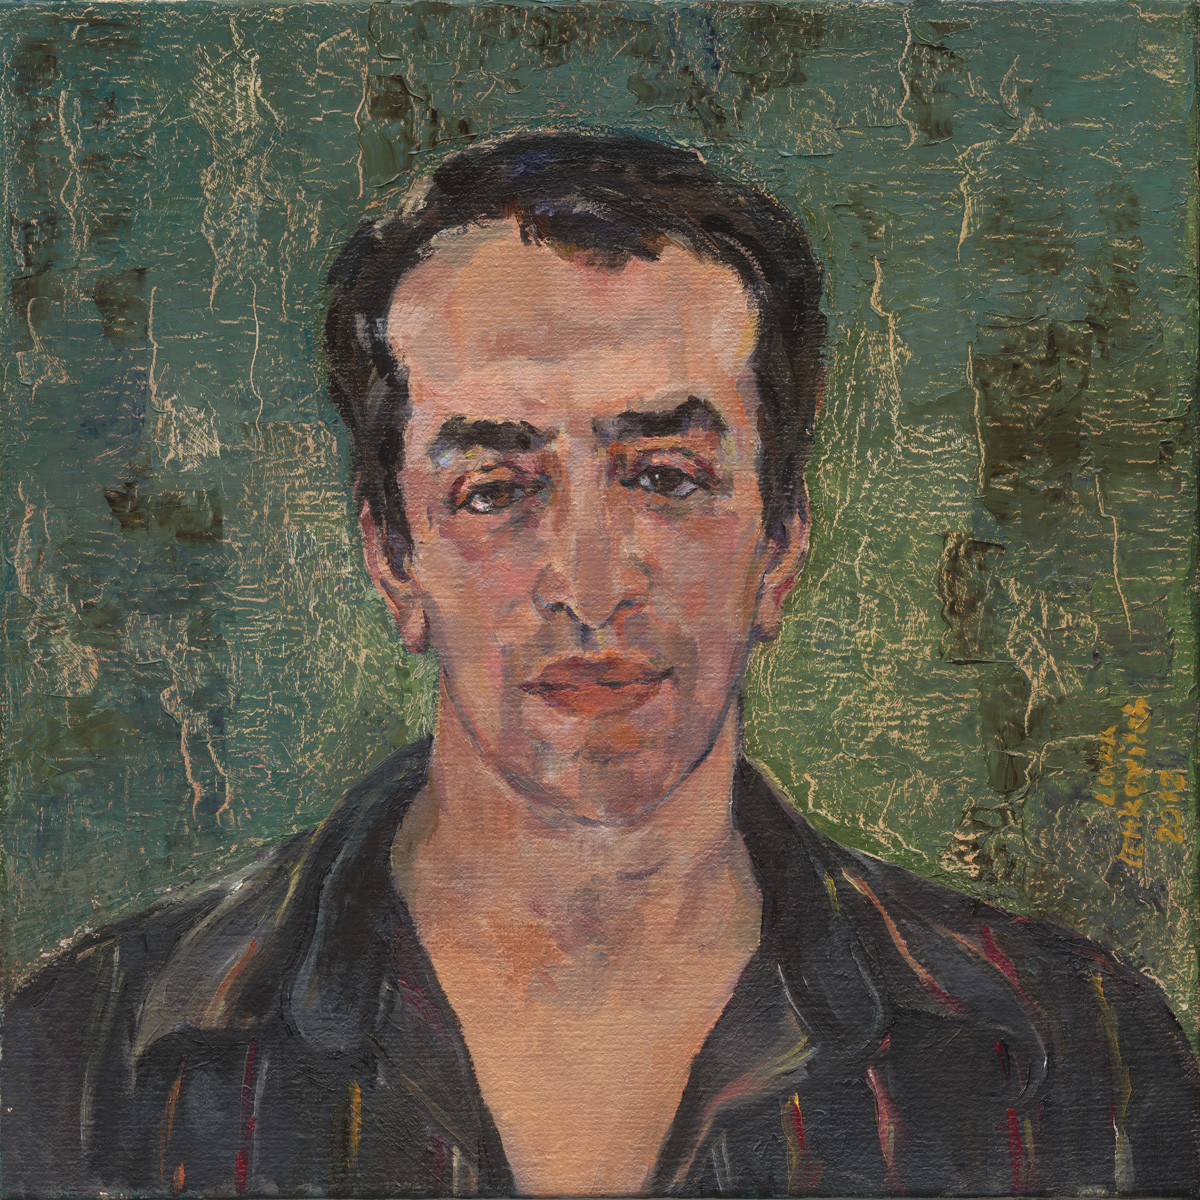 Lubalem - Portrait of man(Yitamar)